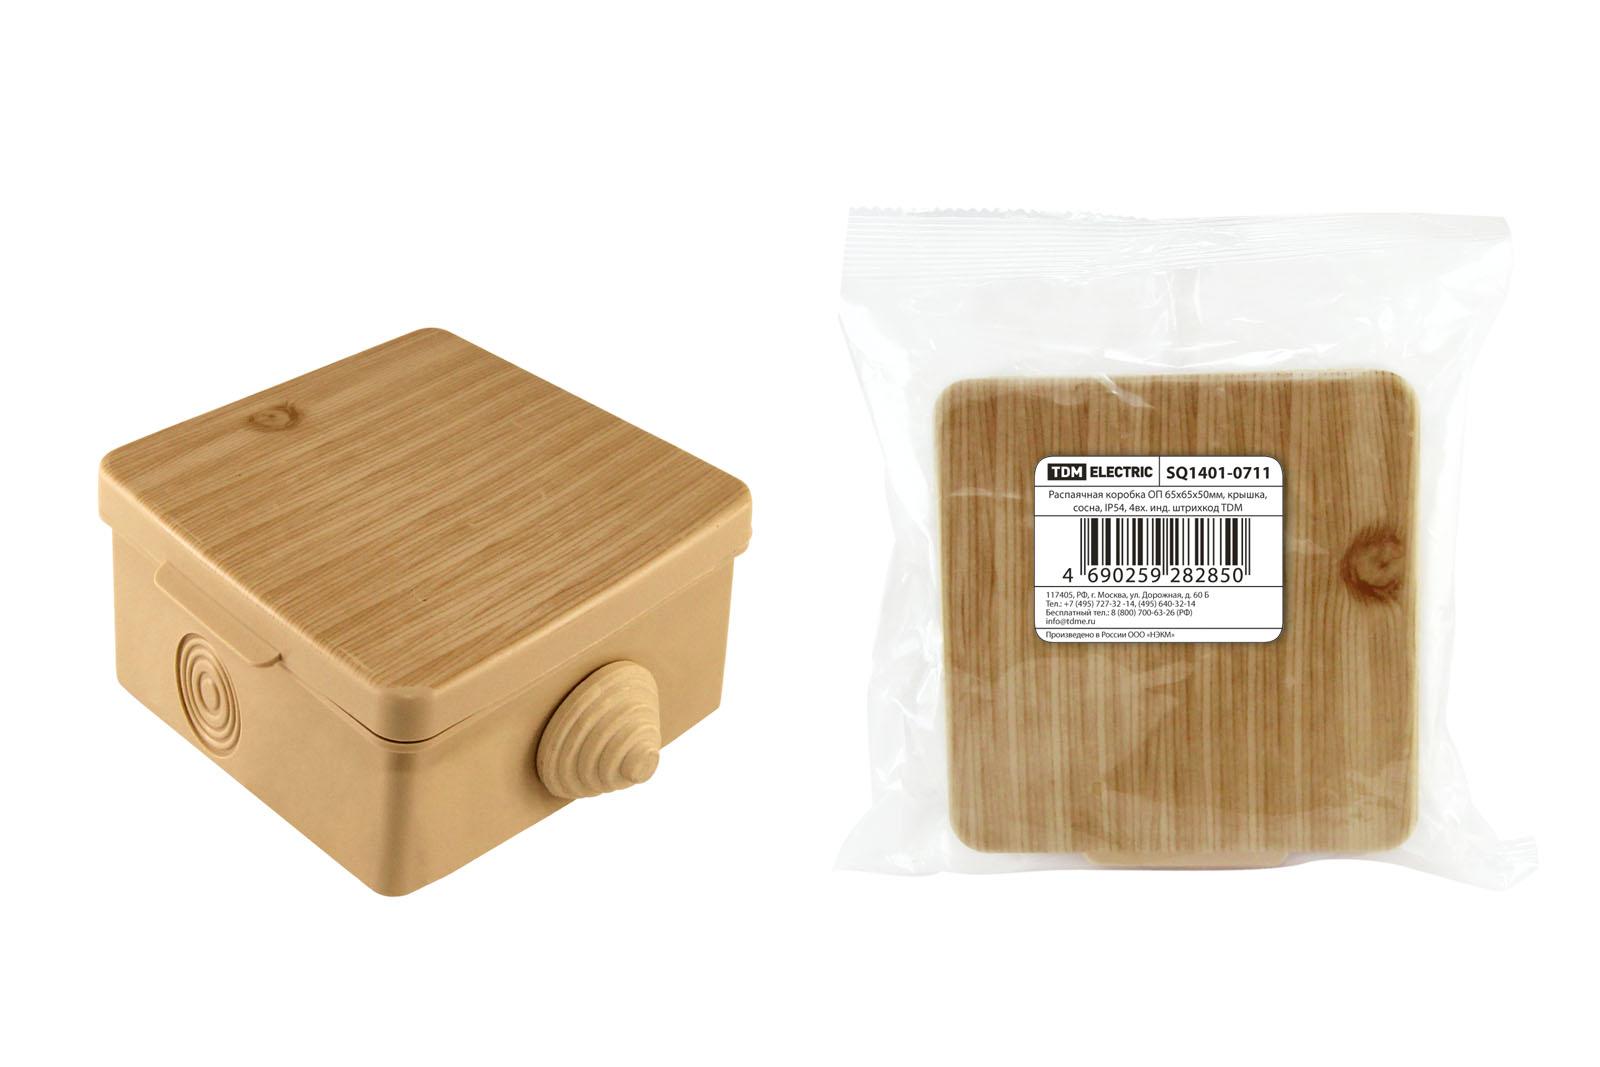 Коробка распаячная ТДМКоробки монтажные<br>Тип монтажного элемента: коробка распаячная,<br>Тип установки коробки: наружный монтаж,<br>Длина (мм): 65,<br>Ширина: 65,<br>Высота: 50,<br>Цвет: сосна,<br>Степень защиты от пыли и влаги: IP 54<br>